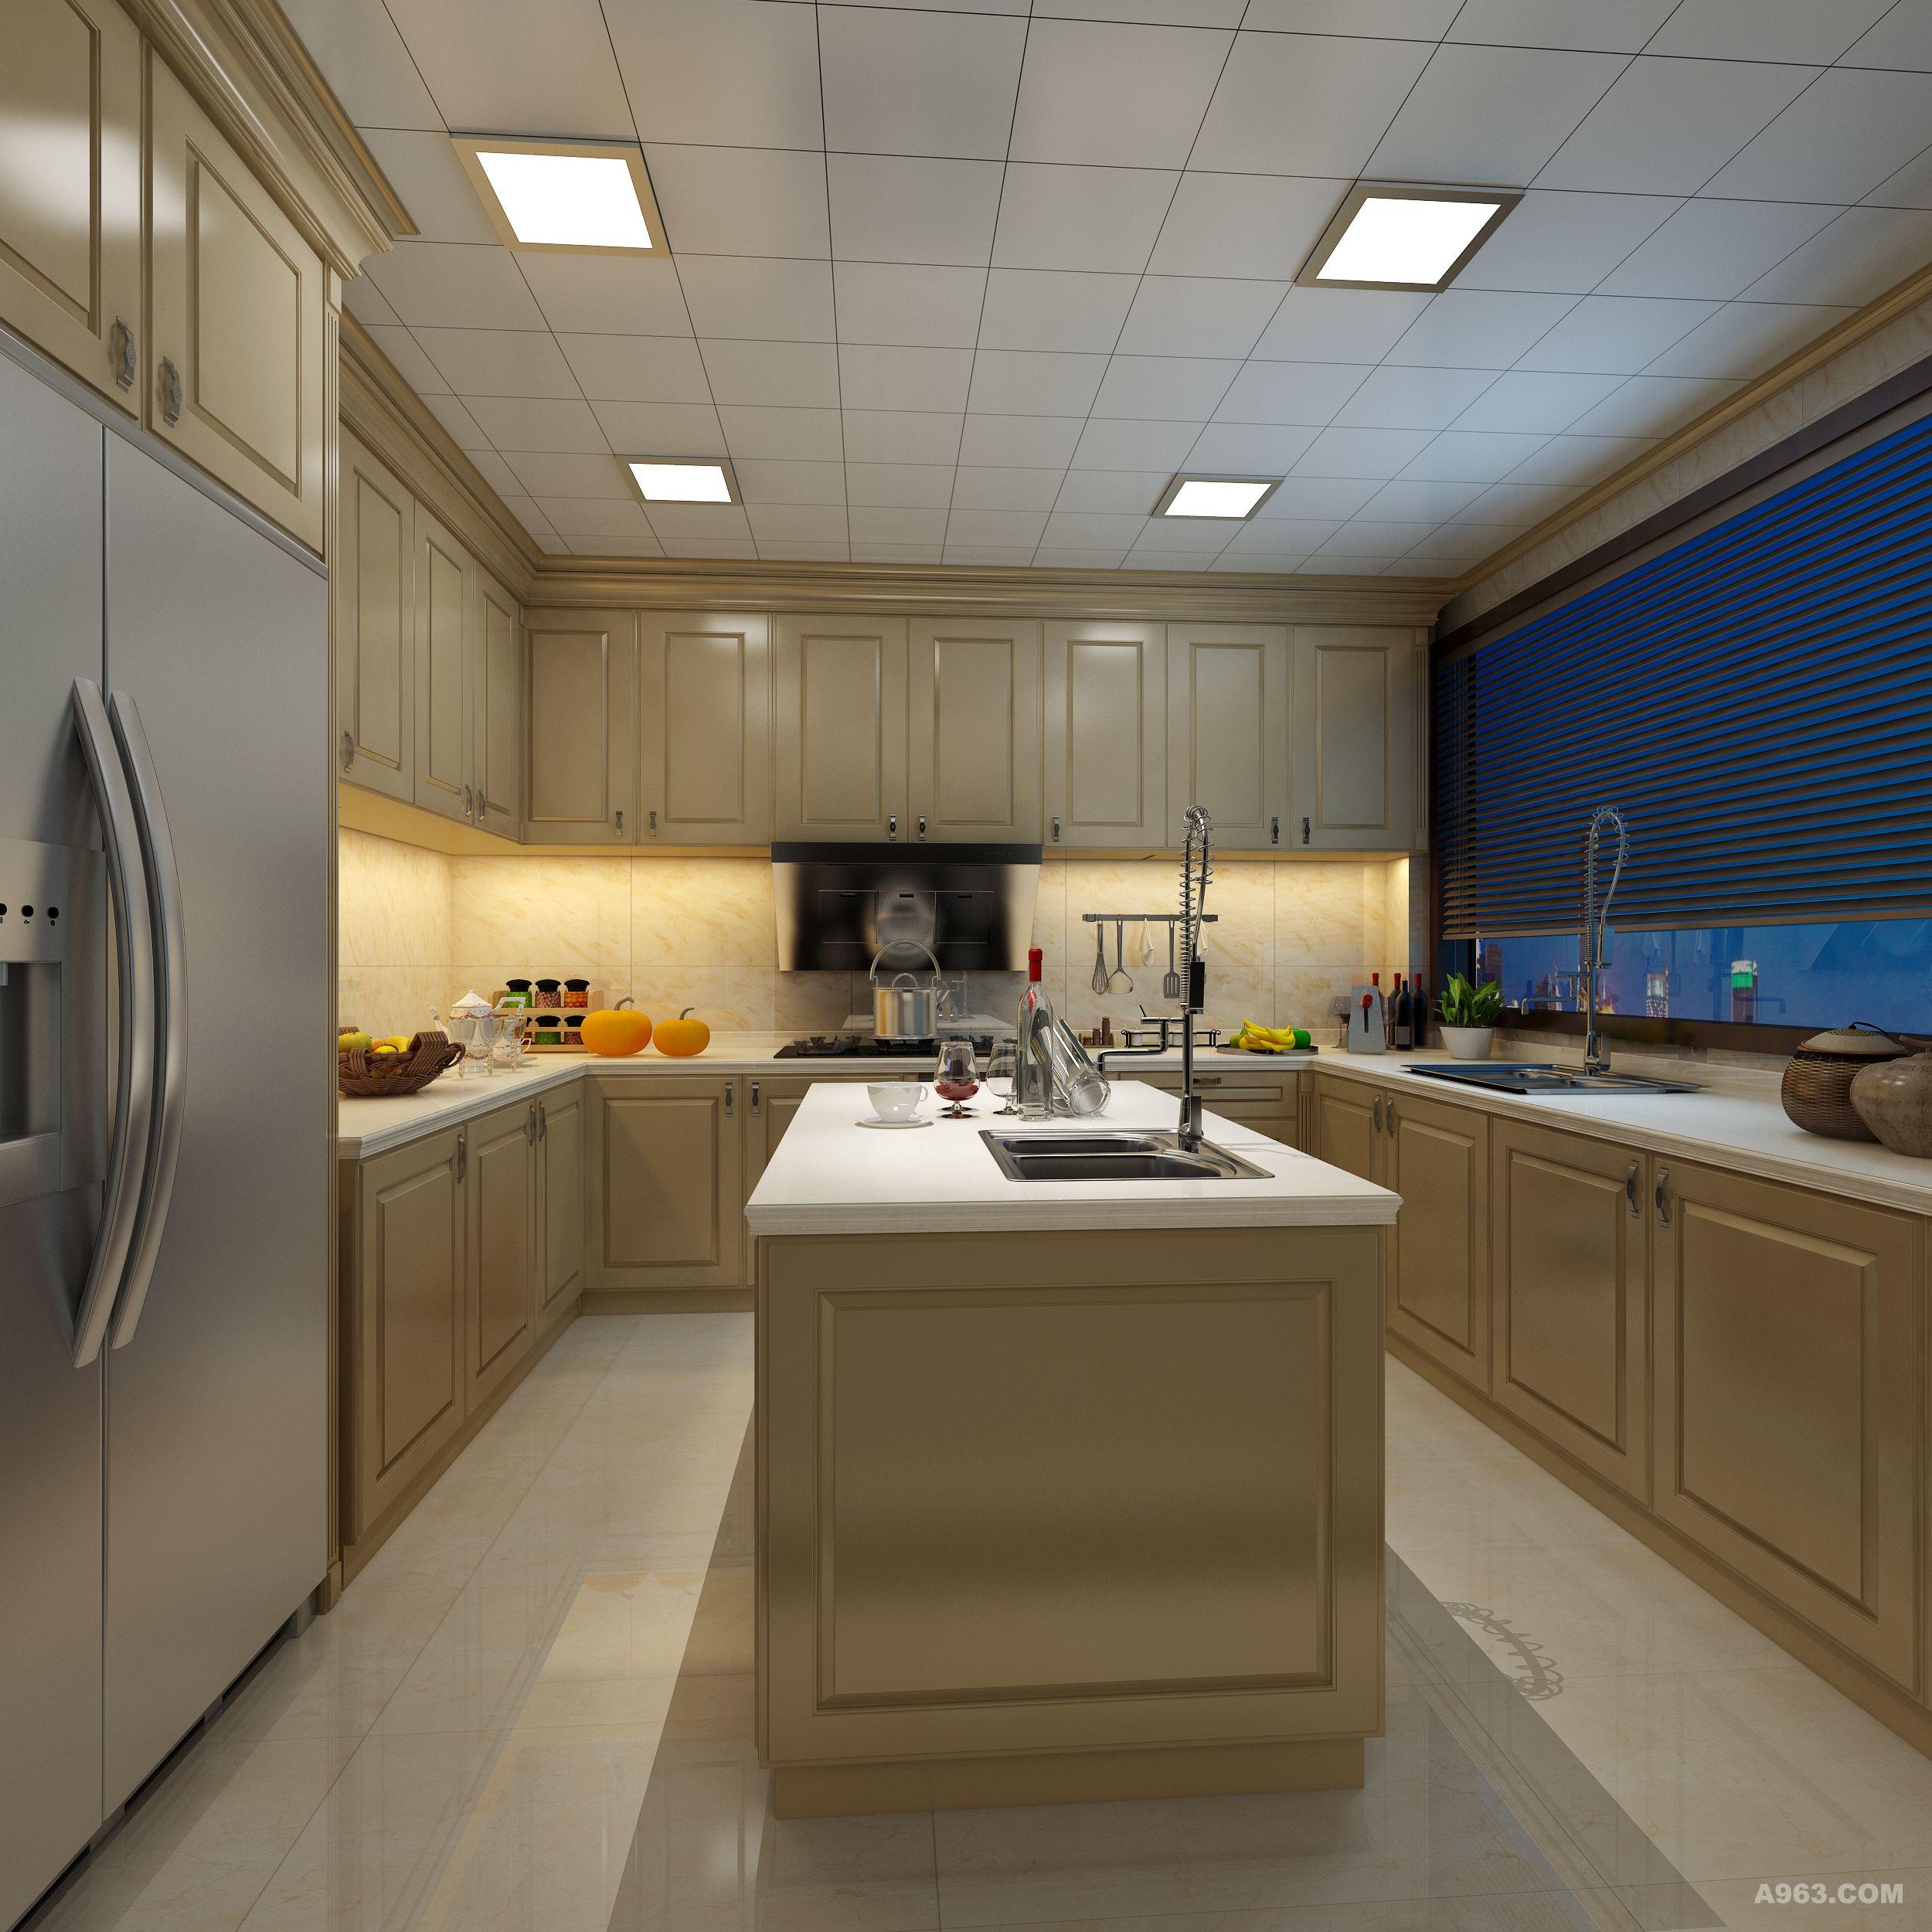 六平方米厨房设计图_设计展示广州华典园林景观设计有限公司图片